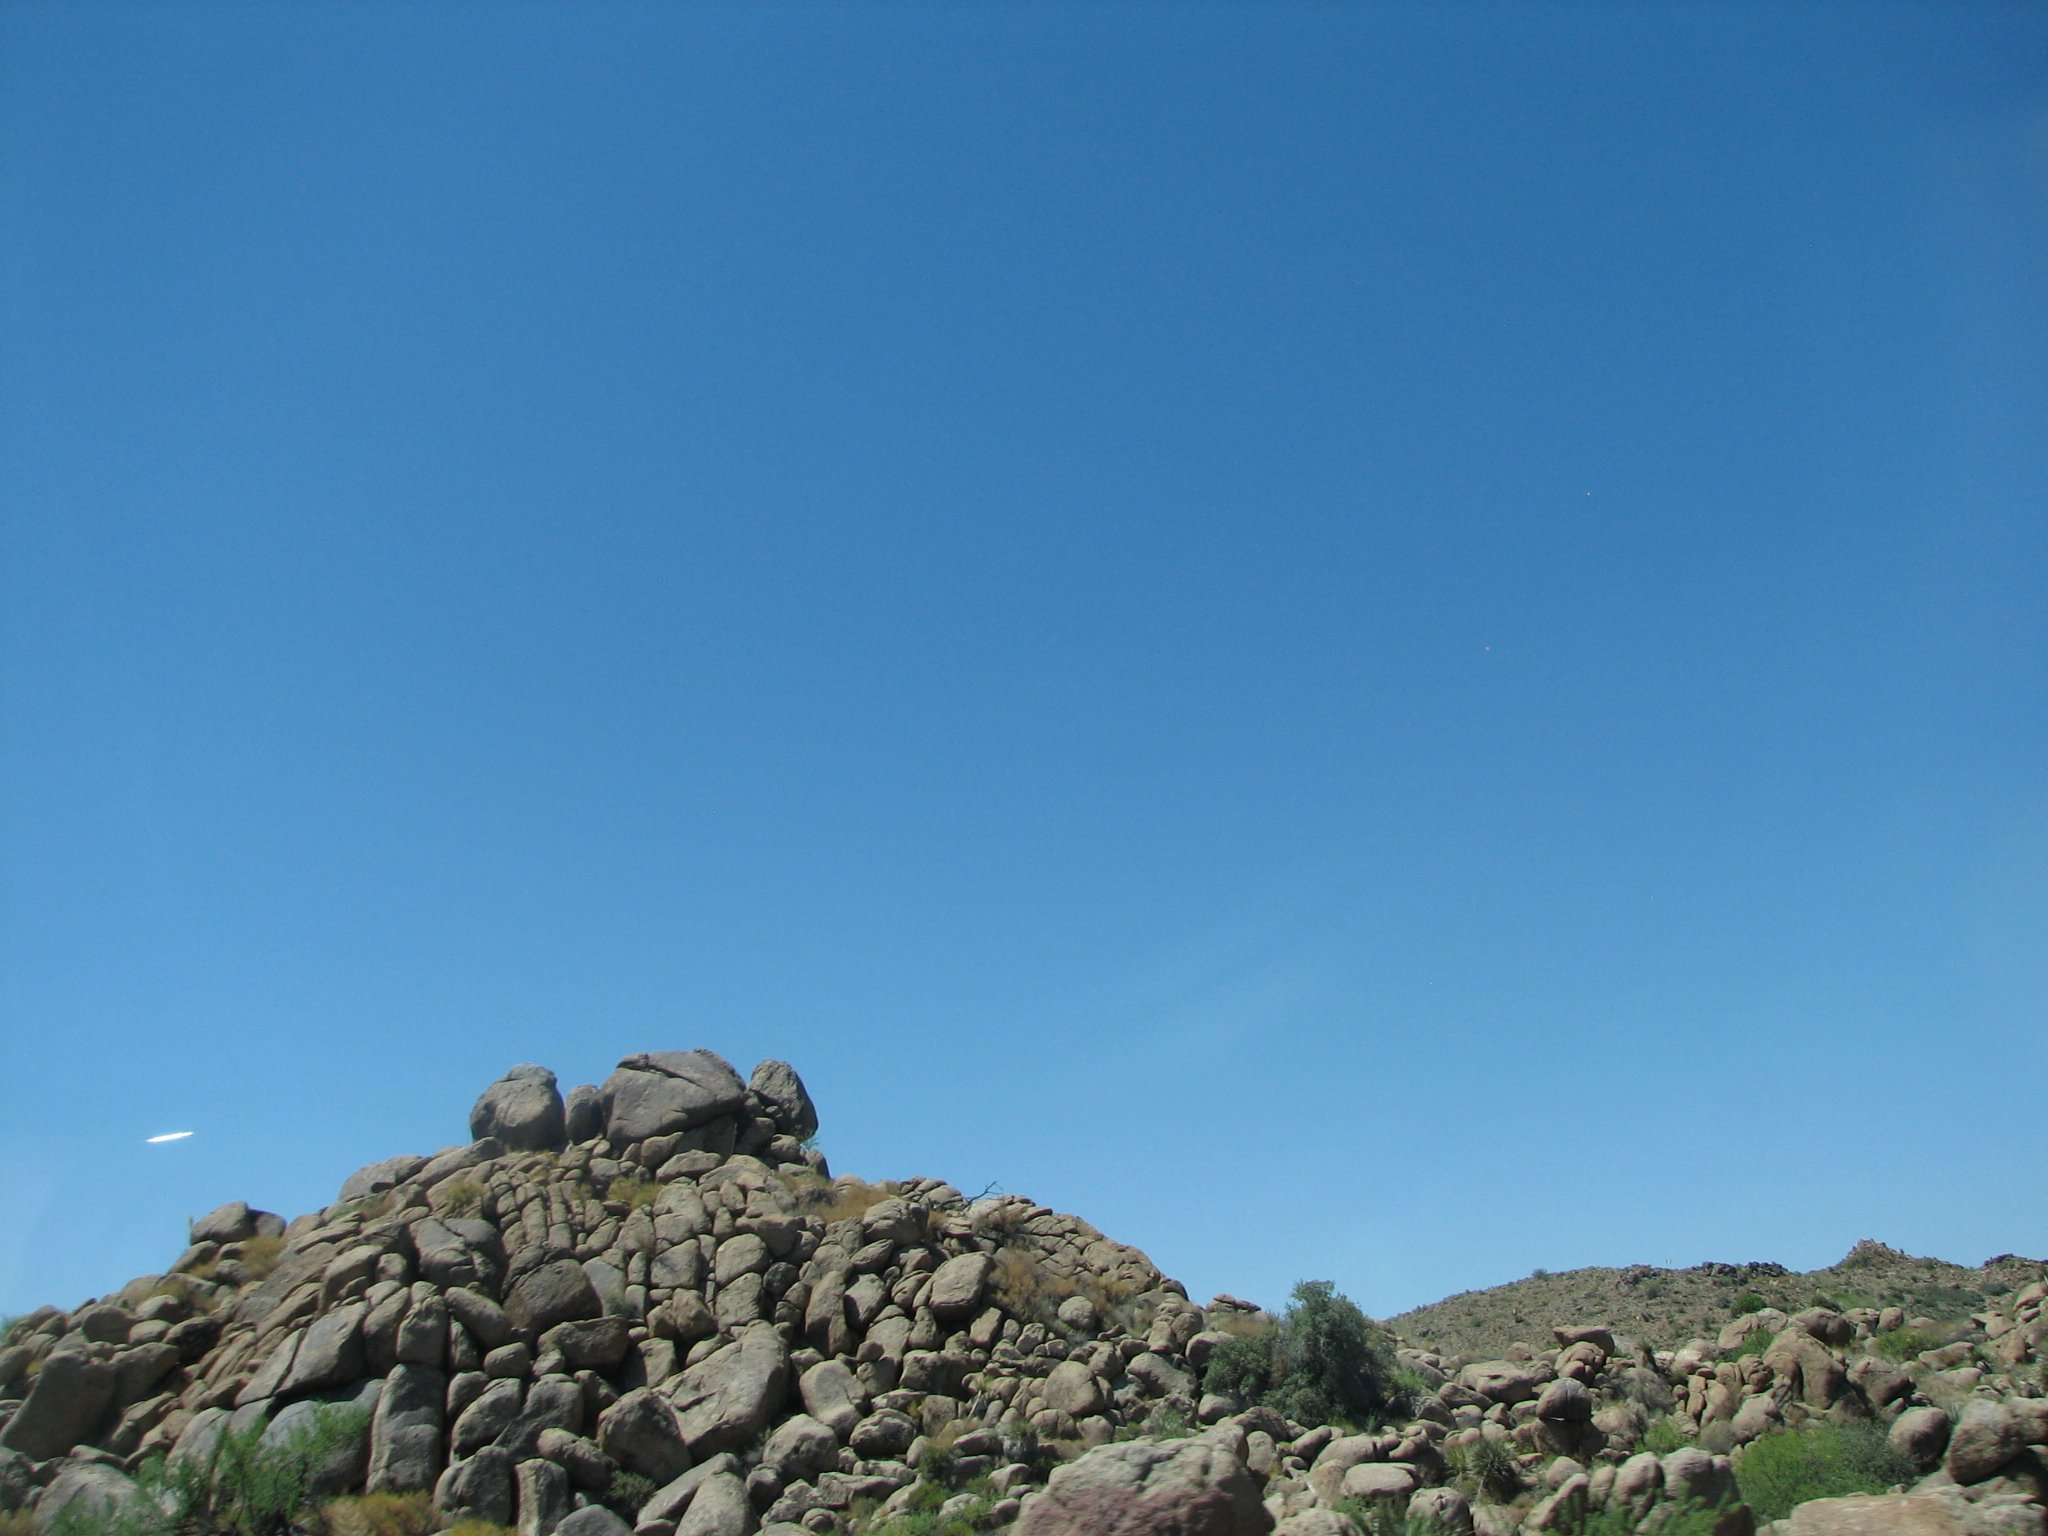 Arizona - 06-16-10